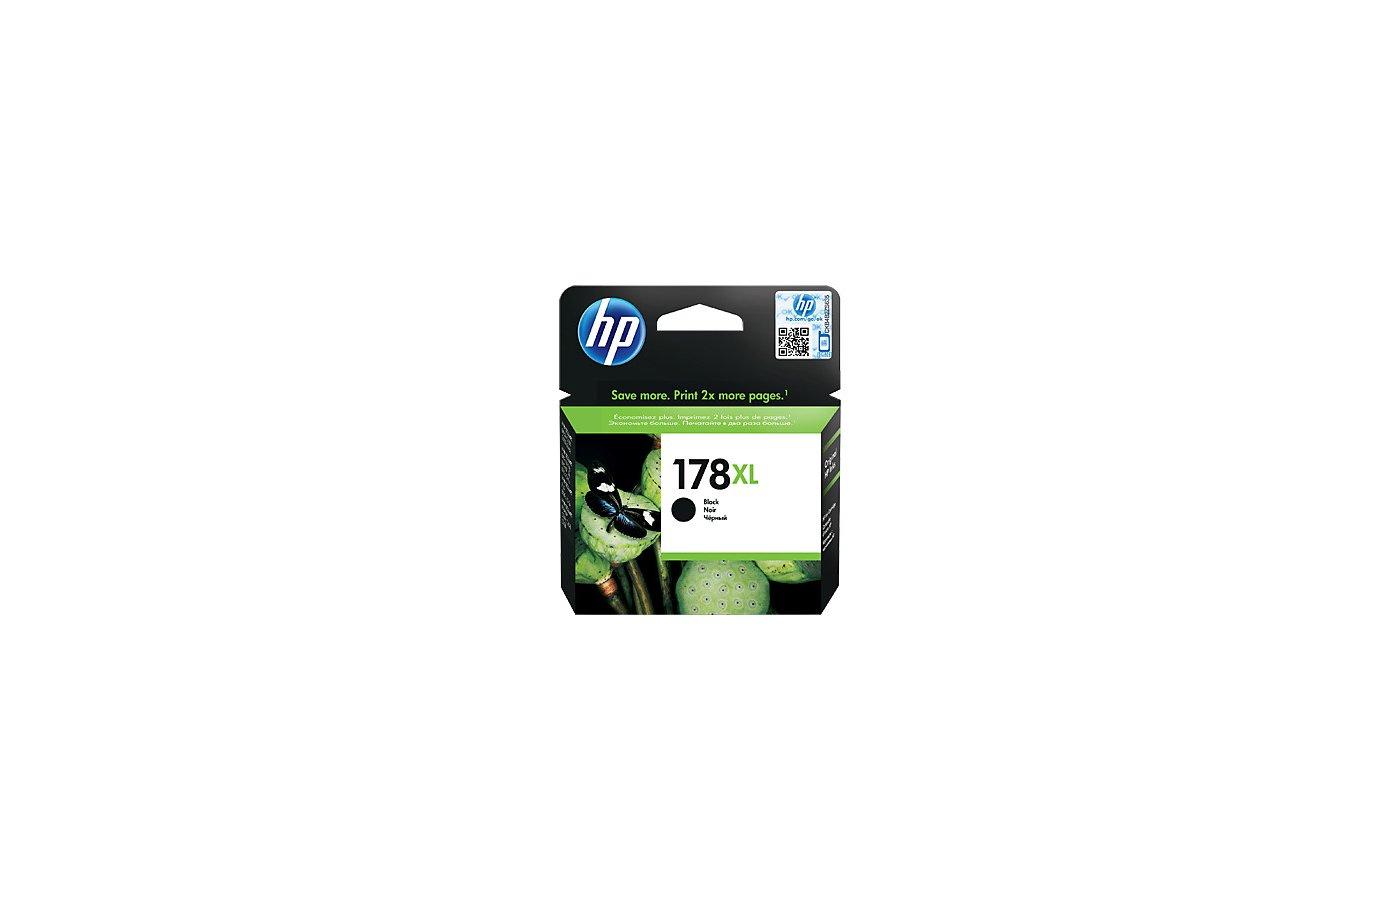 Картридж струйный HP 178XL CN684HE черный для PS B8553/C5383/C6383/D5463/B109/C410 (550стр.)